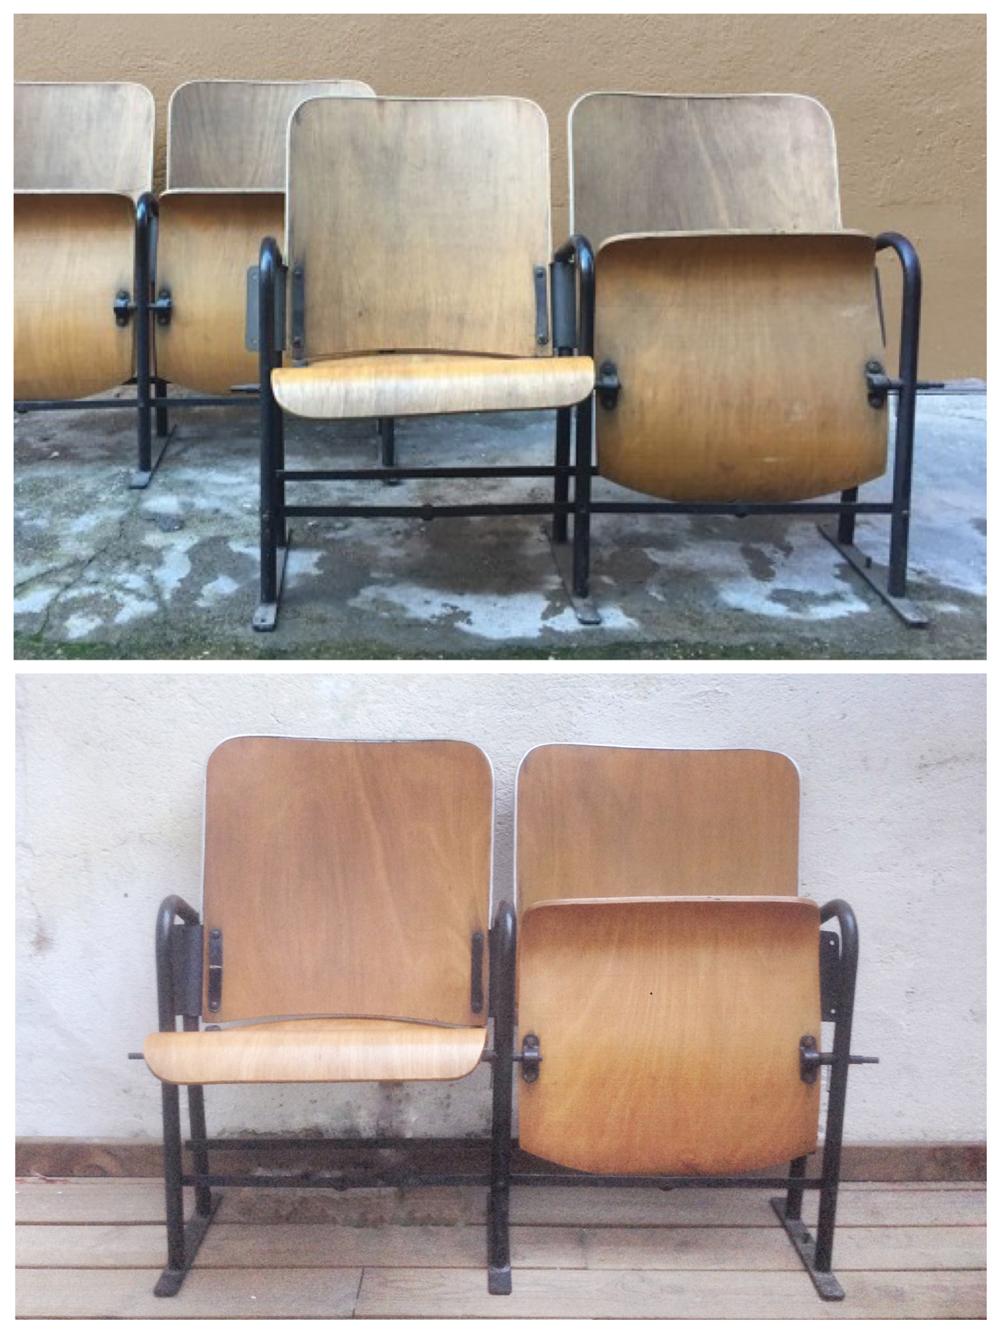 Antes y después - Sillas de cine restauradas - Studio Alis